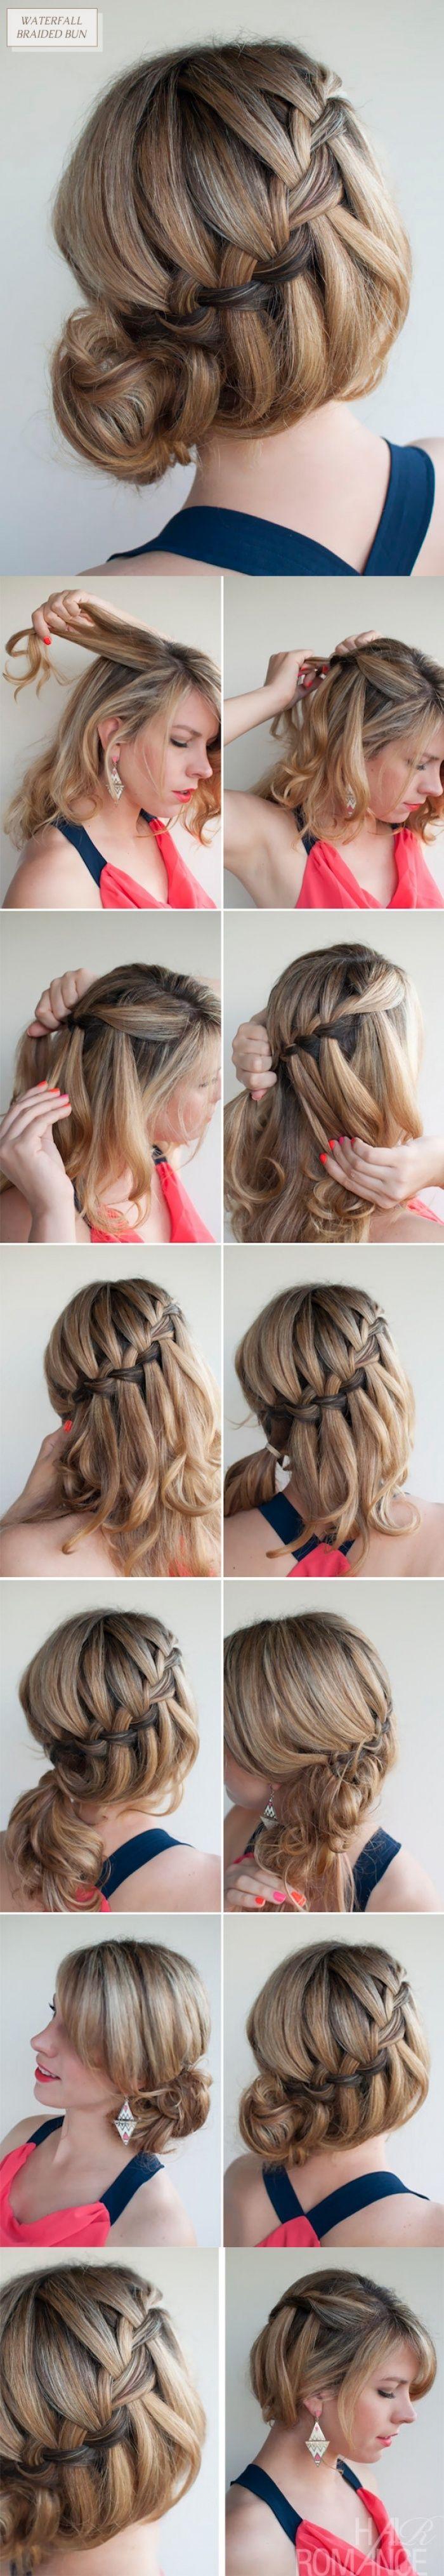 Плетение косы «Французский водопад»  → Пошаговая инструкция